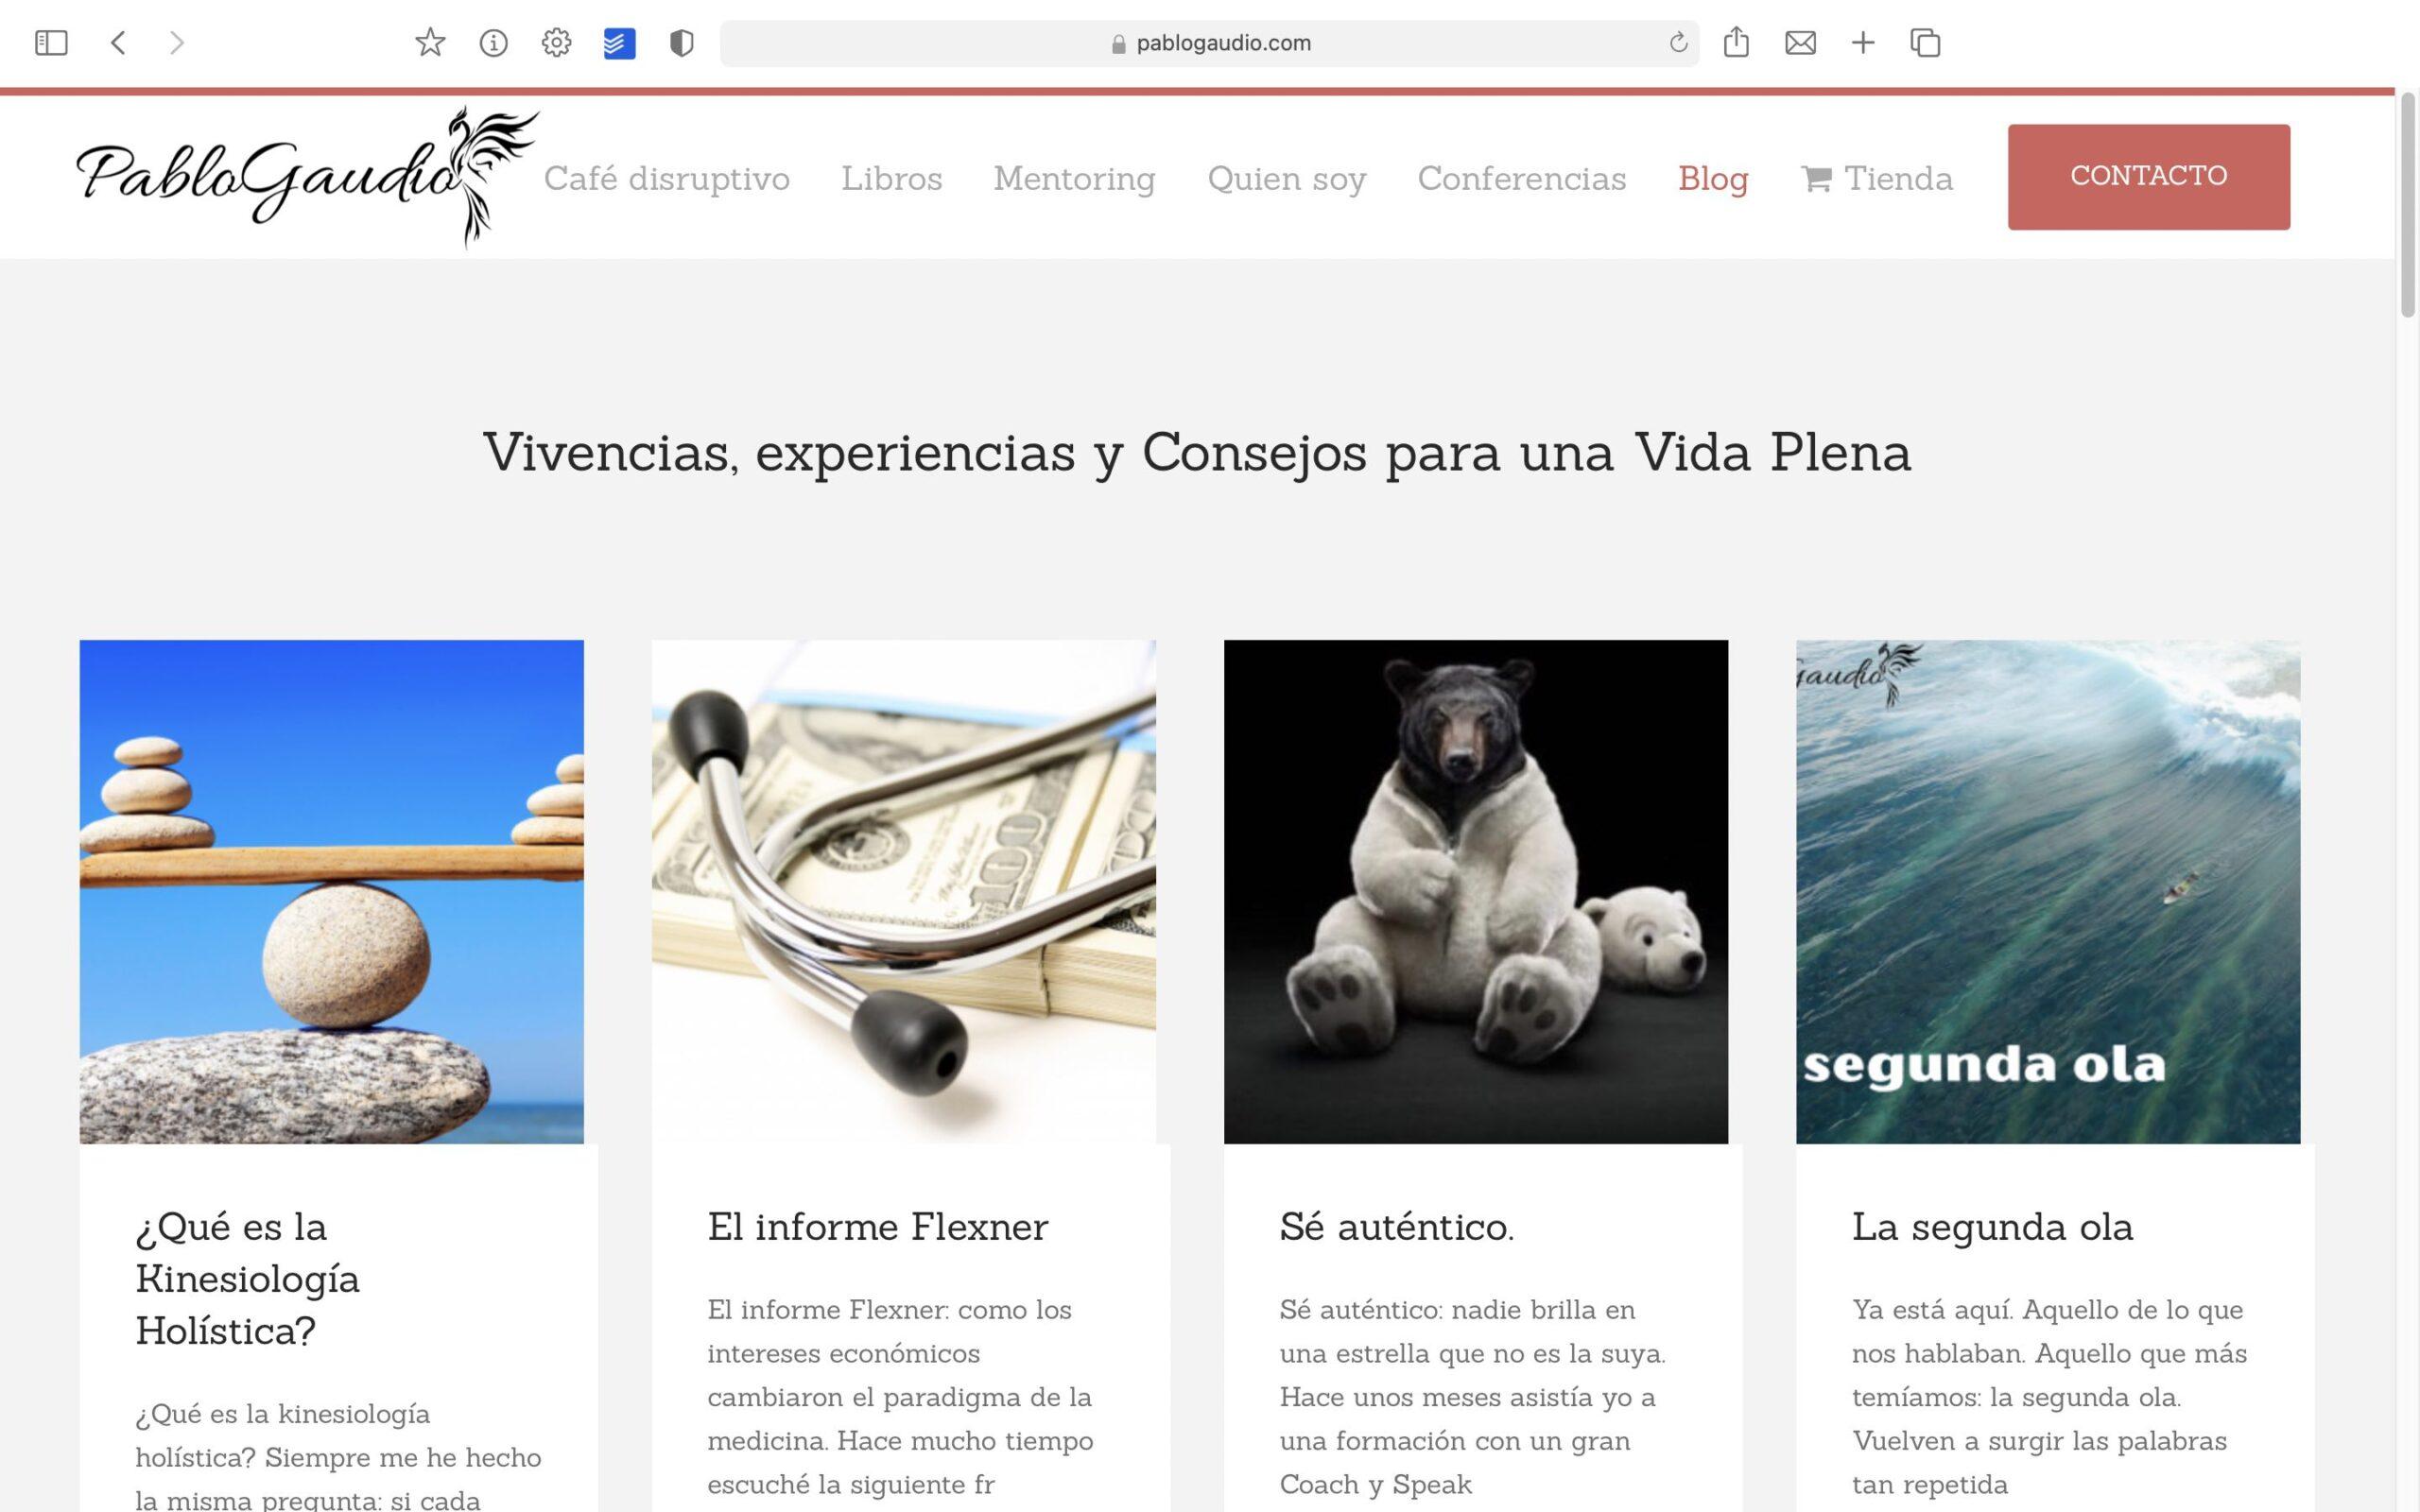 Pablo Gaudio Blog Bolcreativo